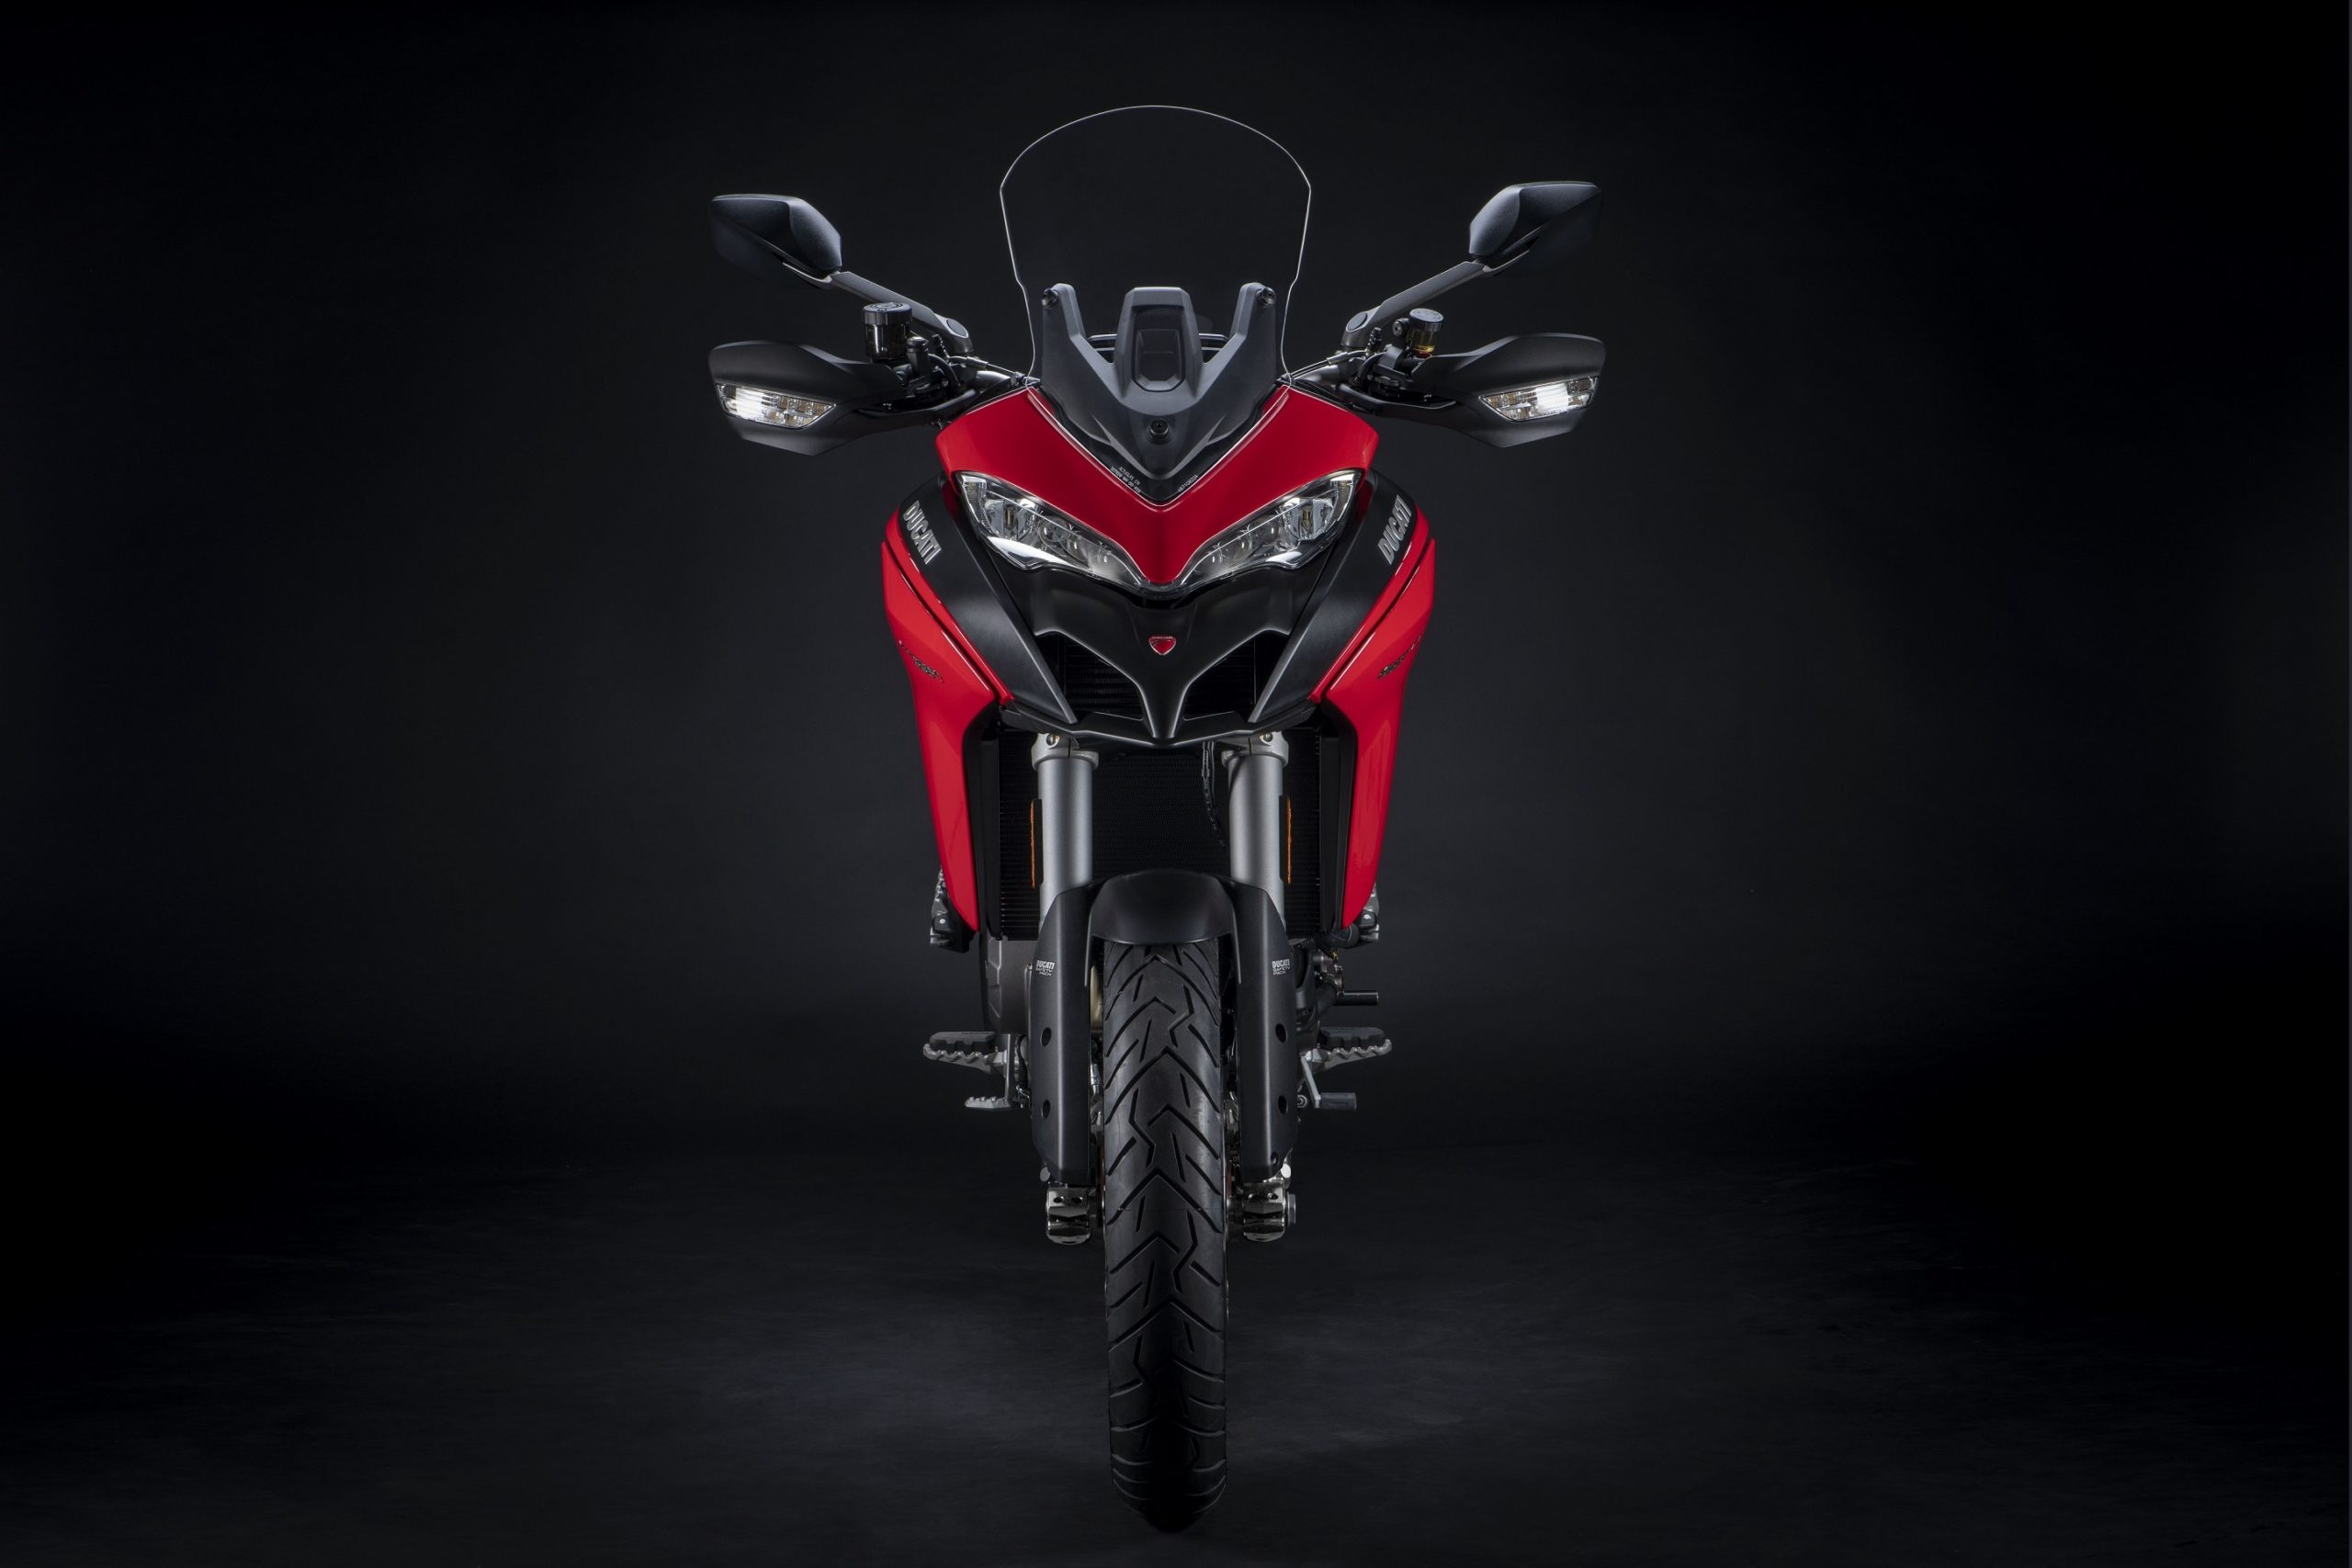 Ducati Multistrada 950 S - Exhibit Magazine India